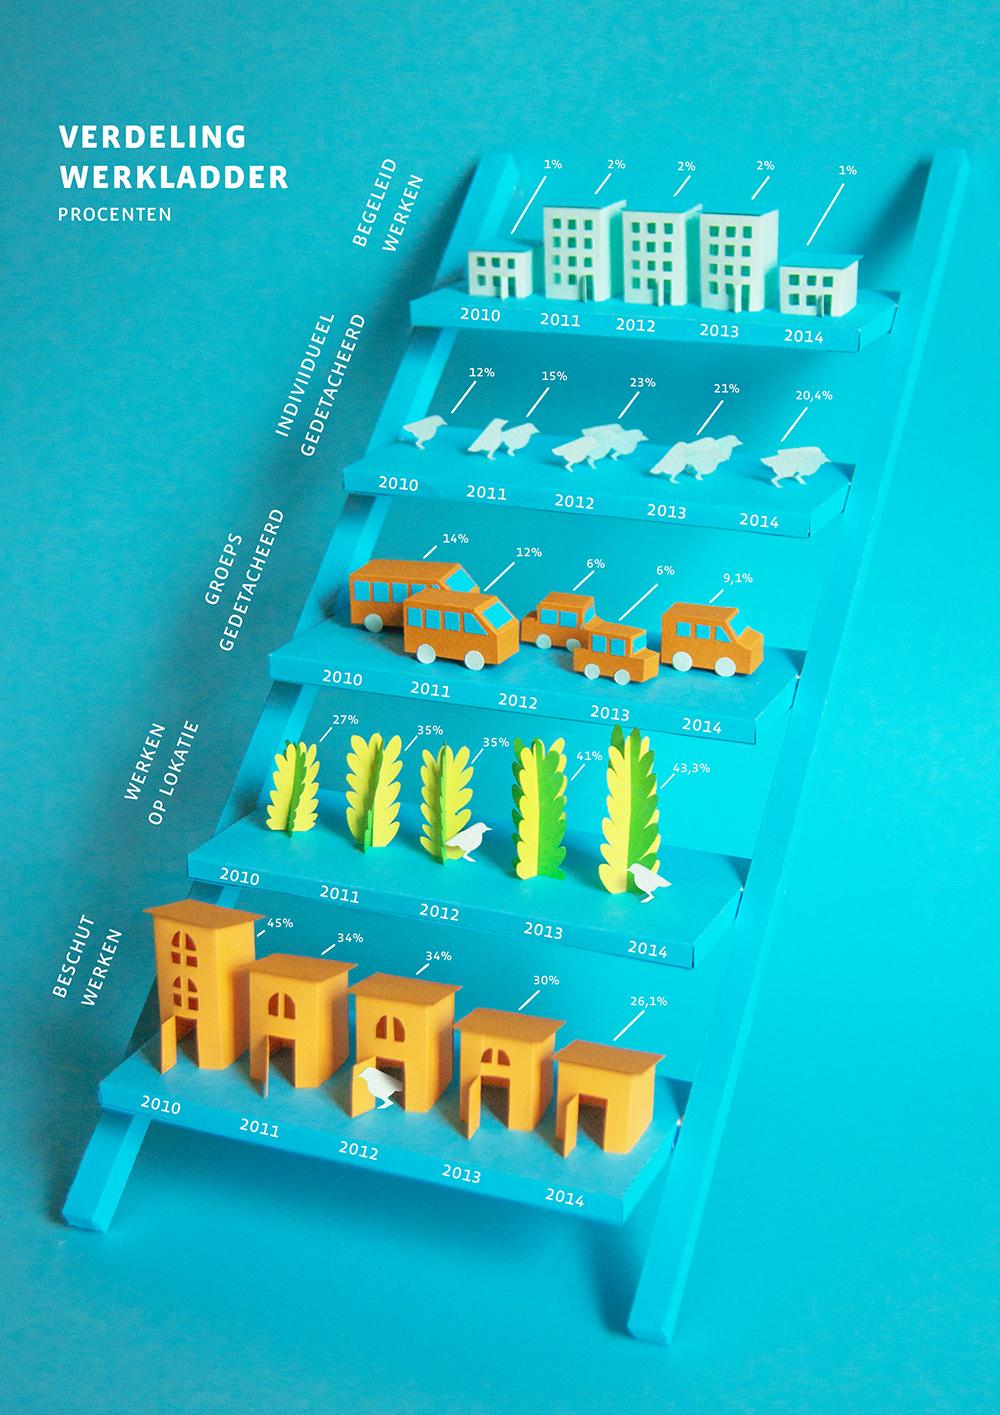 Paswerk_infographic_3_Werkladder.jpg